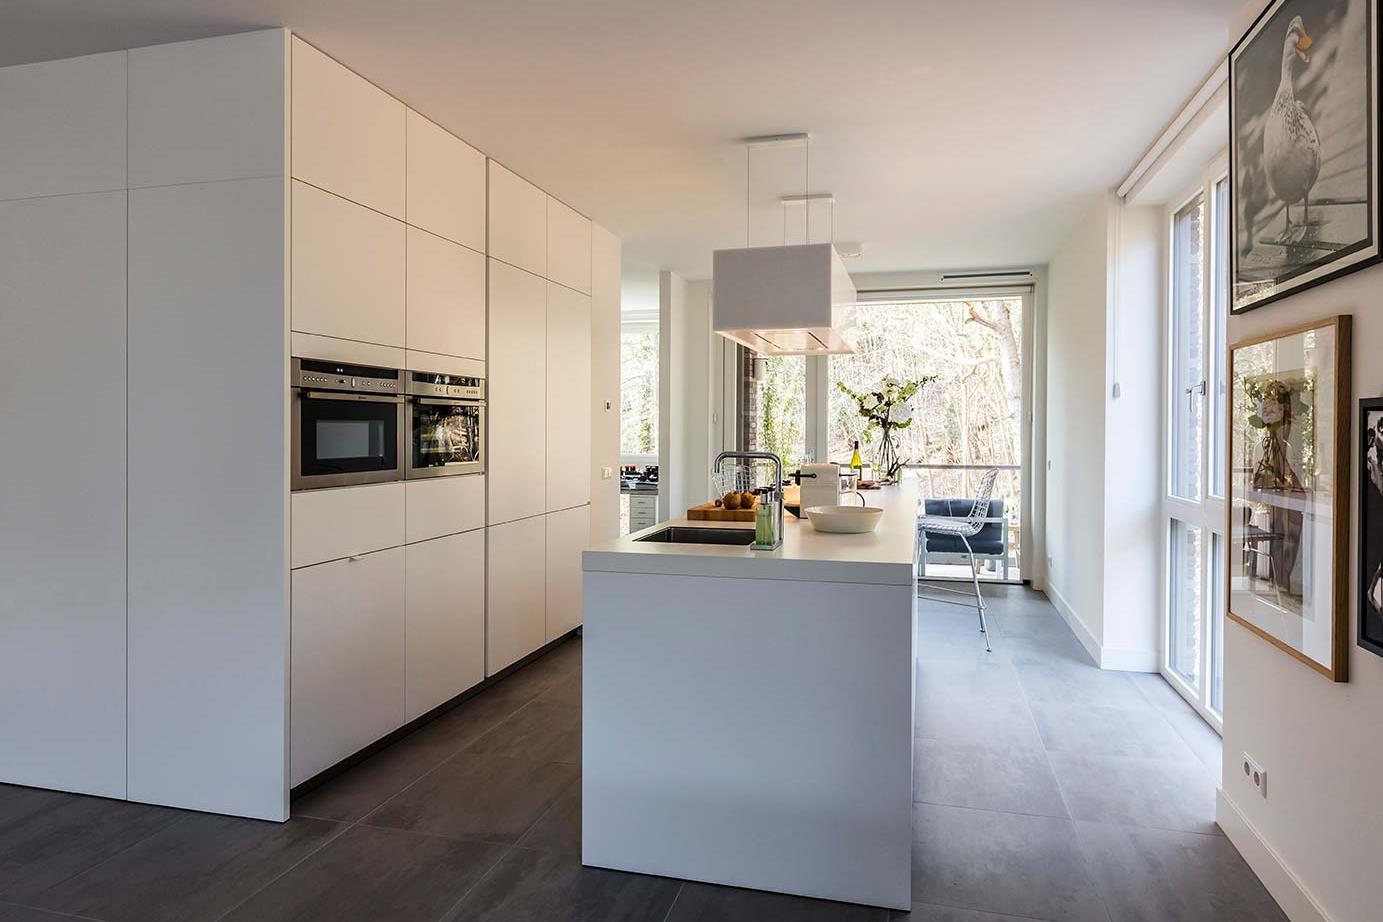 Luxe Design Keuken : Design keukens exclusief voor lage nettoprijzen adee